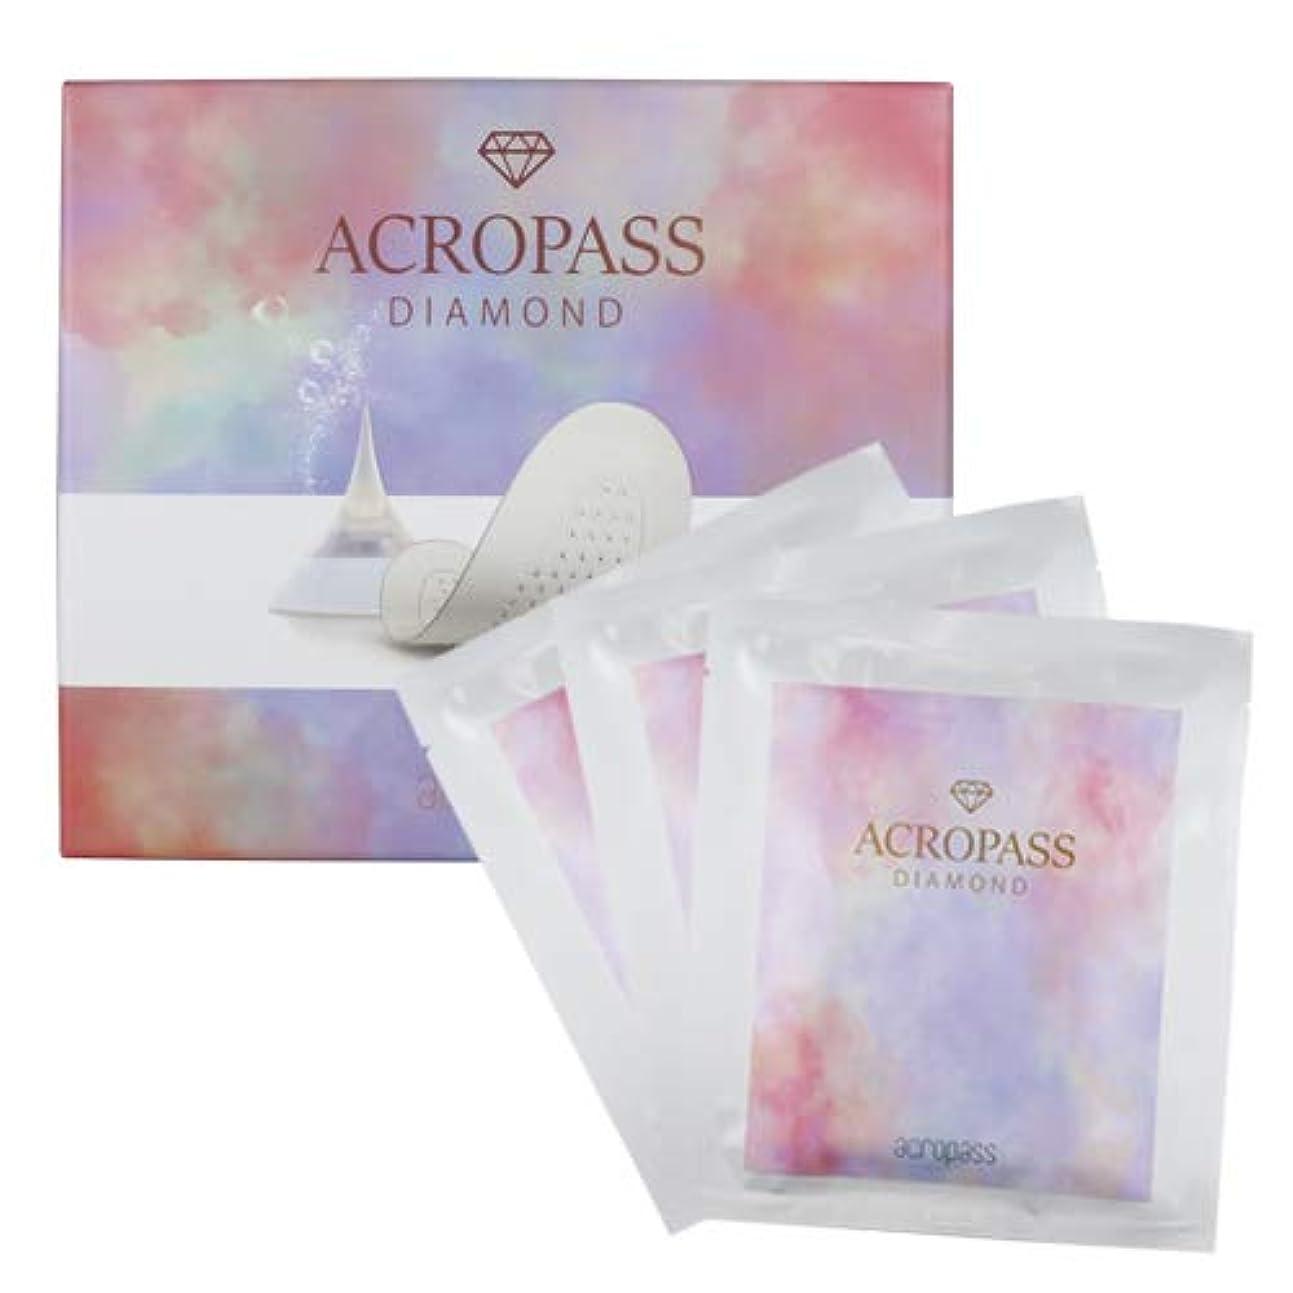 テスピアンホット分割acropass アクロパス ダイアモンド (ACROPASS DIAMOND) 6パッチ(3パウチ)入り